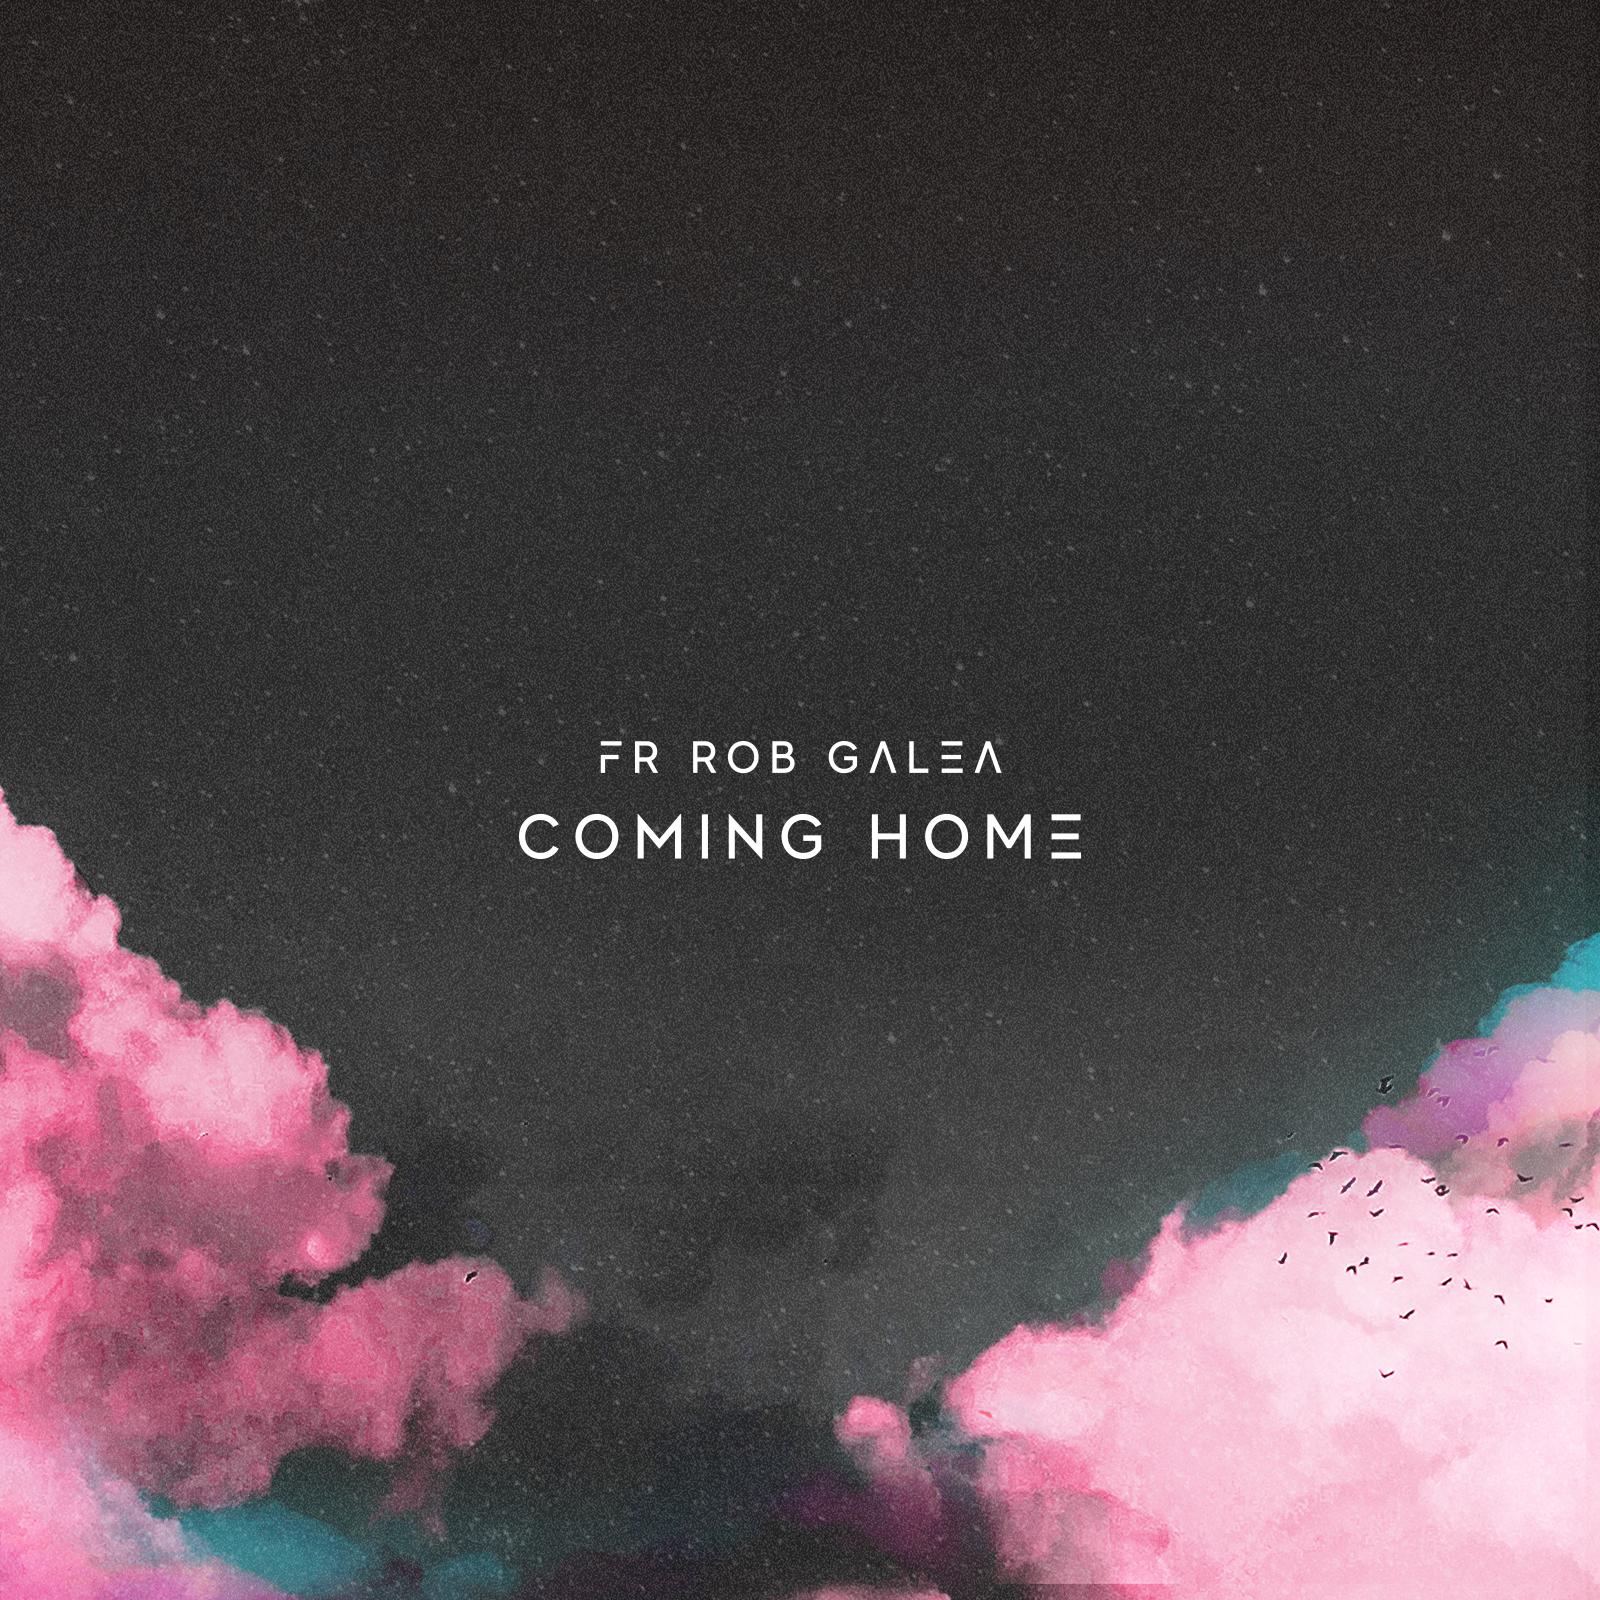 FRG_Coming-Home_1600x1600.jpg